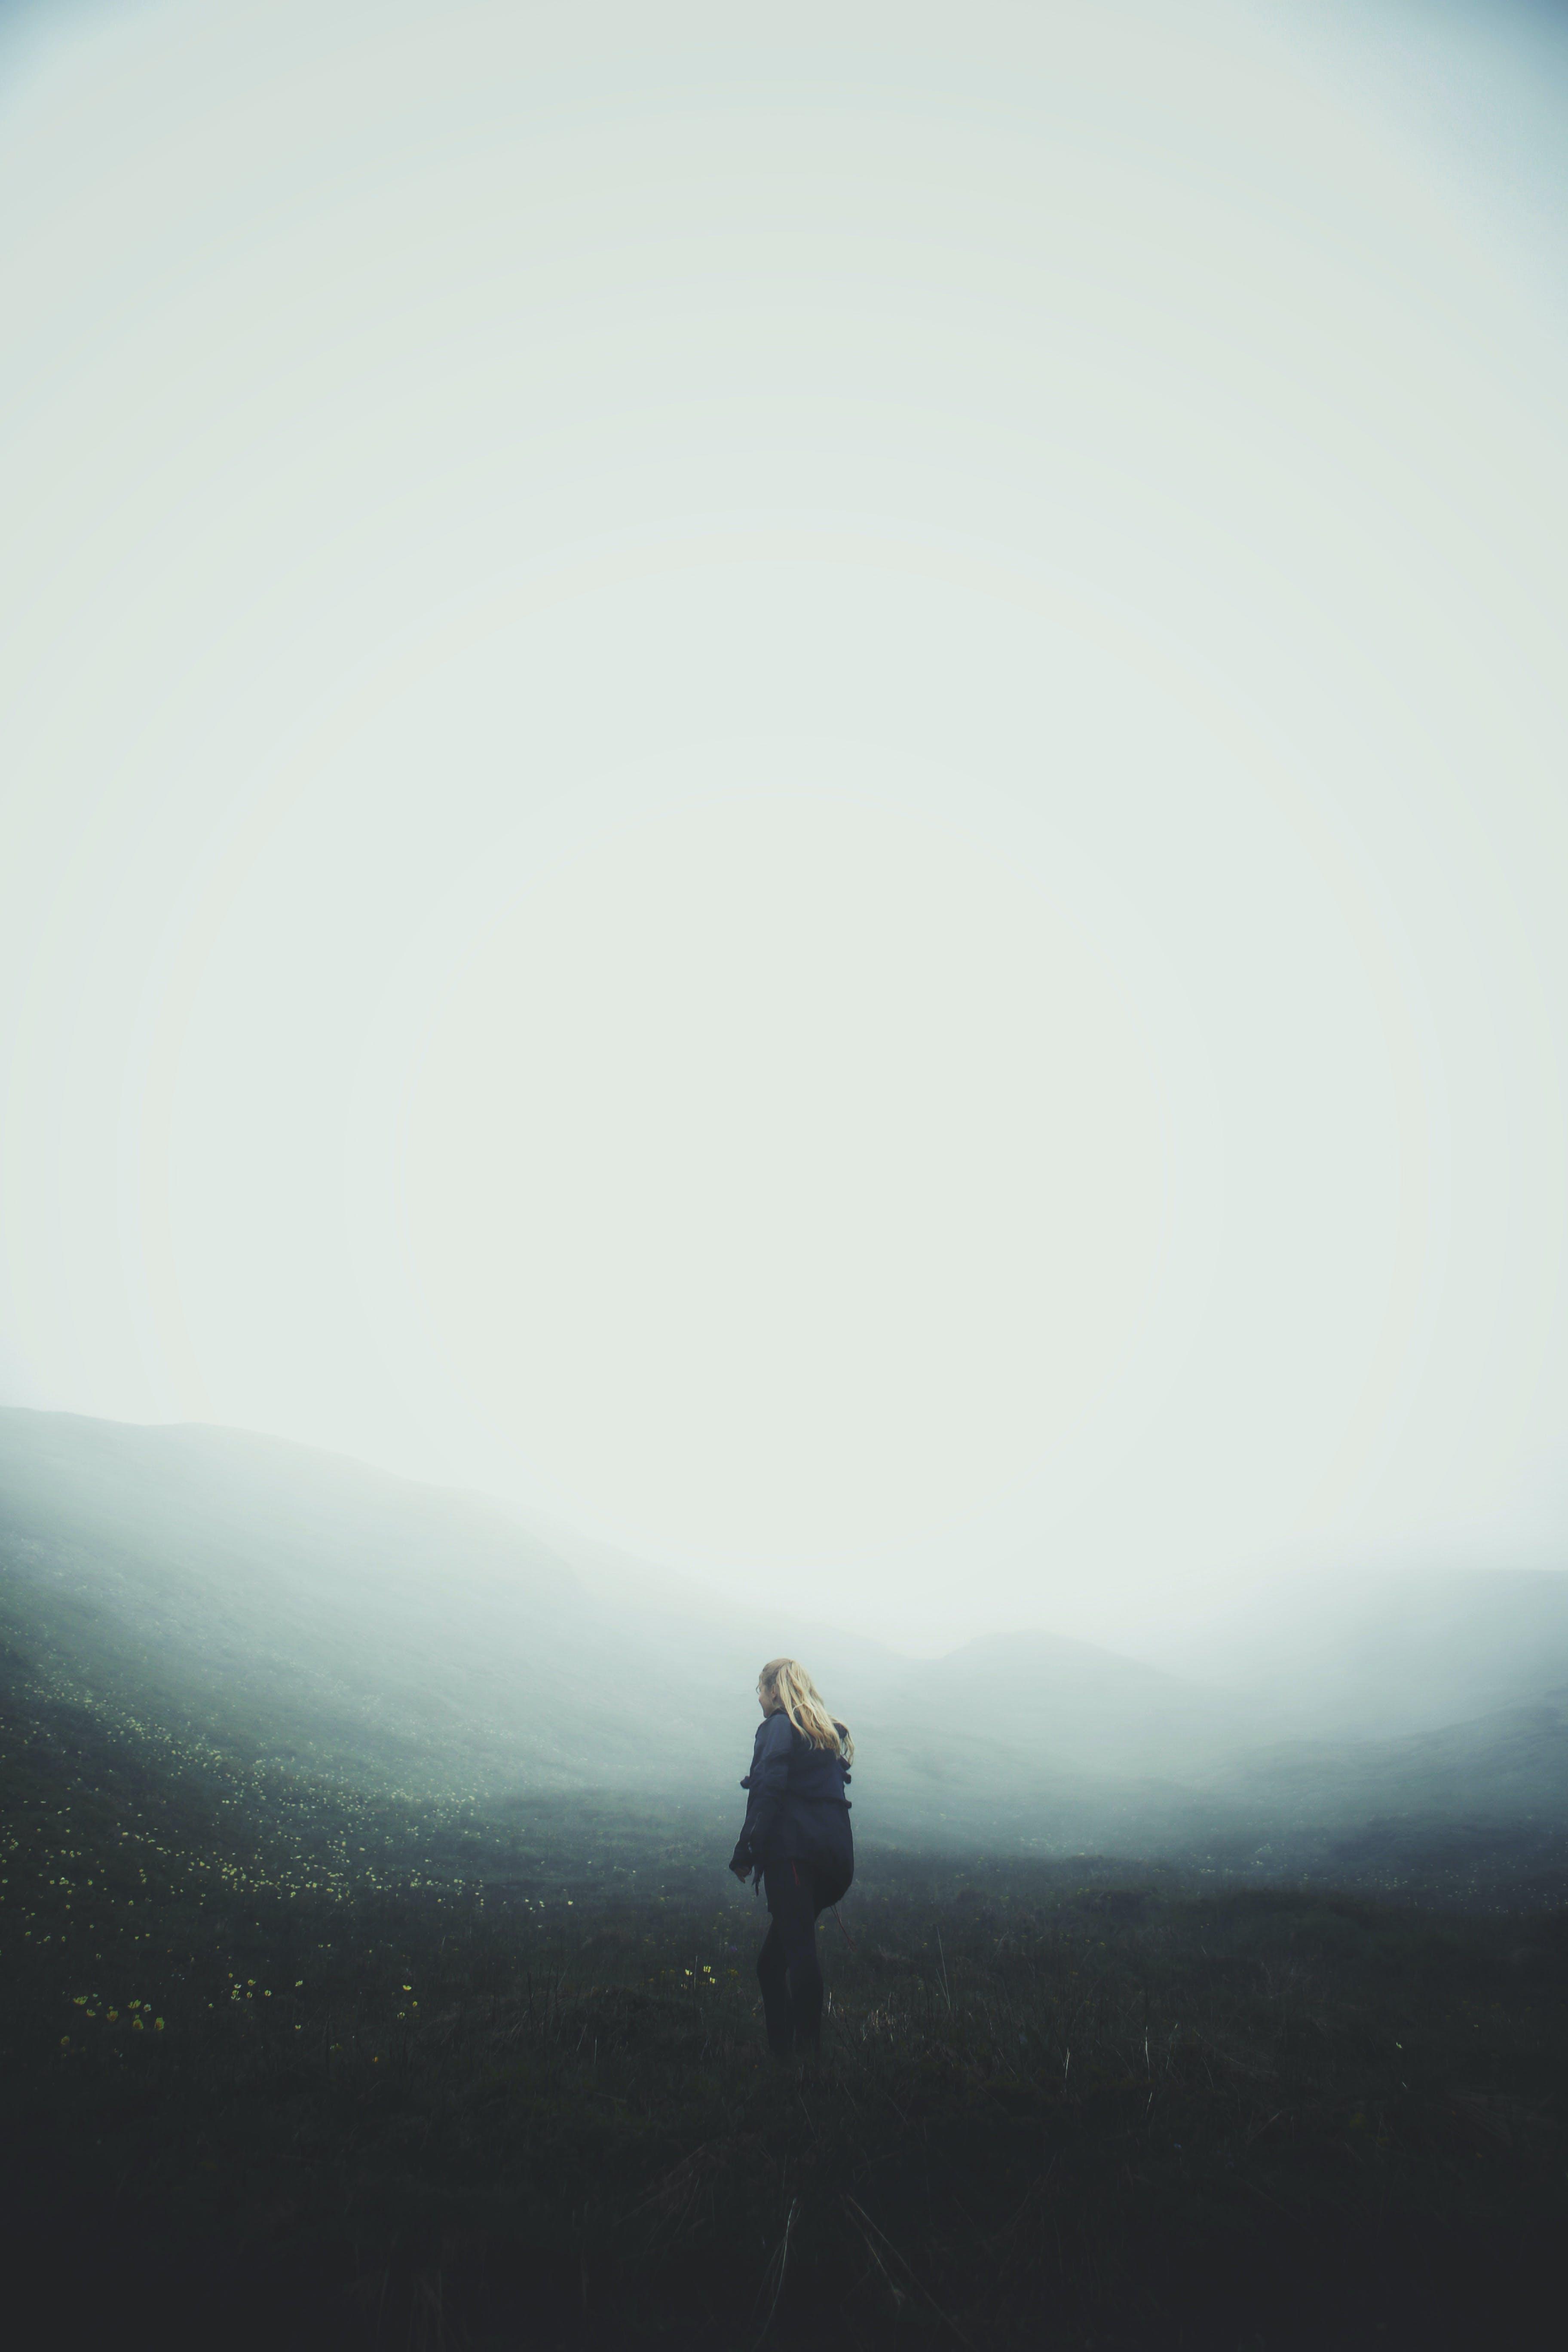 Woman Wearing Blue Jacket Standing on Grass Fiels'